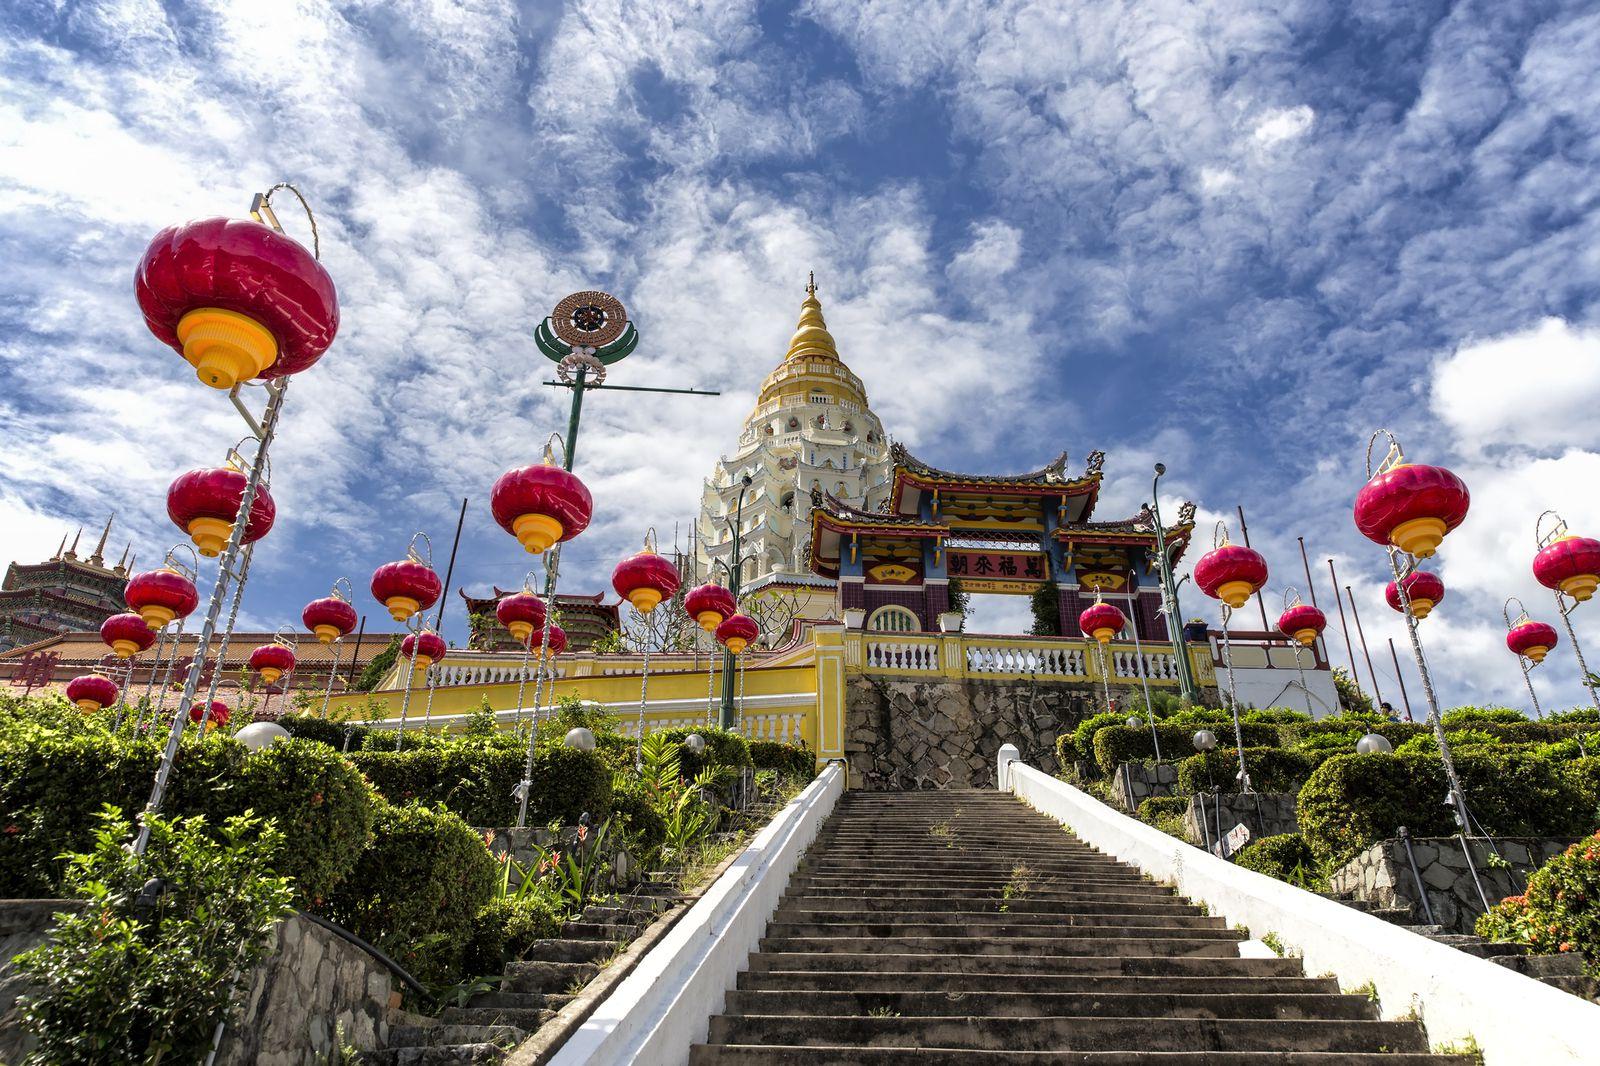 世界遺産 マレーシア・ペナン島のおすすめ観光スポット15選                このまとめ記事の目次